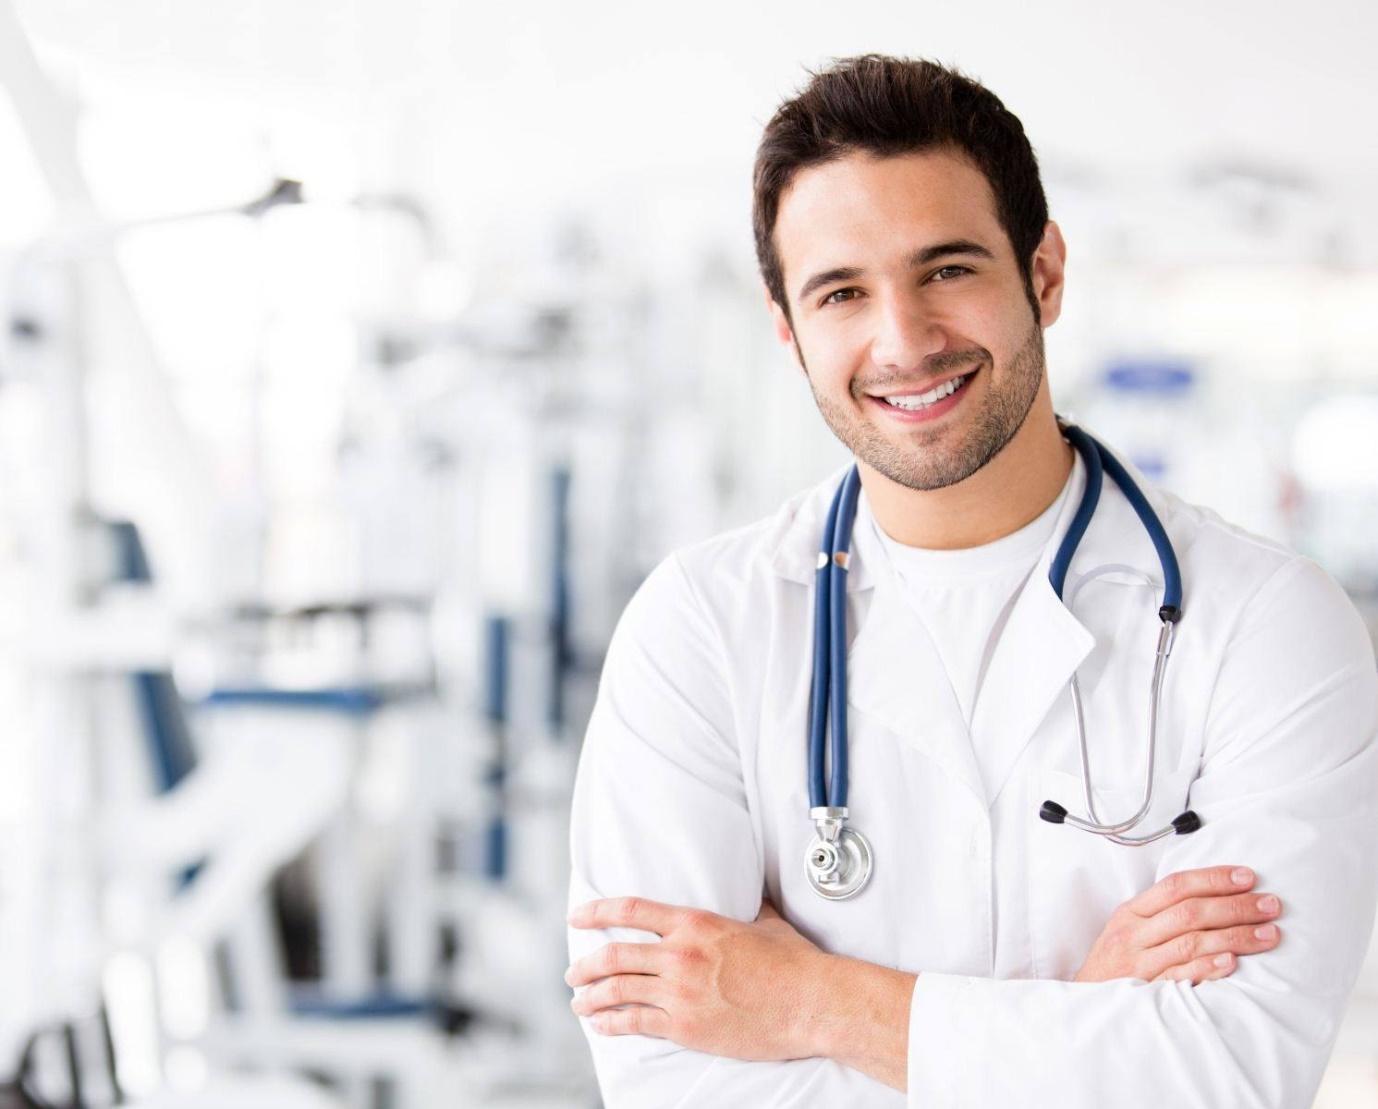 Новый тренд в США: почему на роды стали приглашать пластического хирурга?